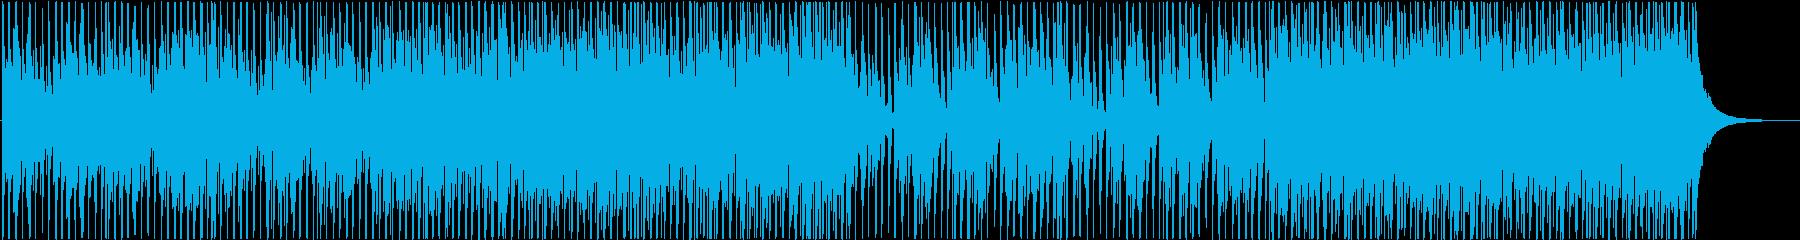 幸せ、ウクレレ、子供たちの再生済みの波形